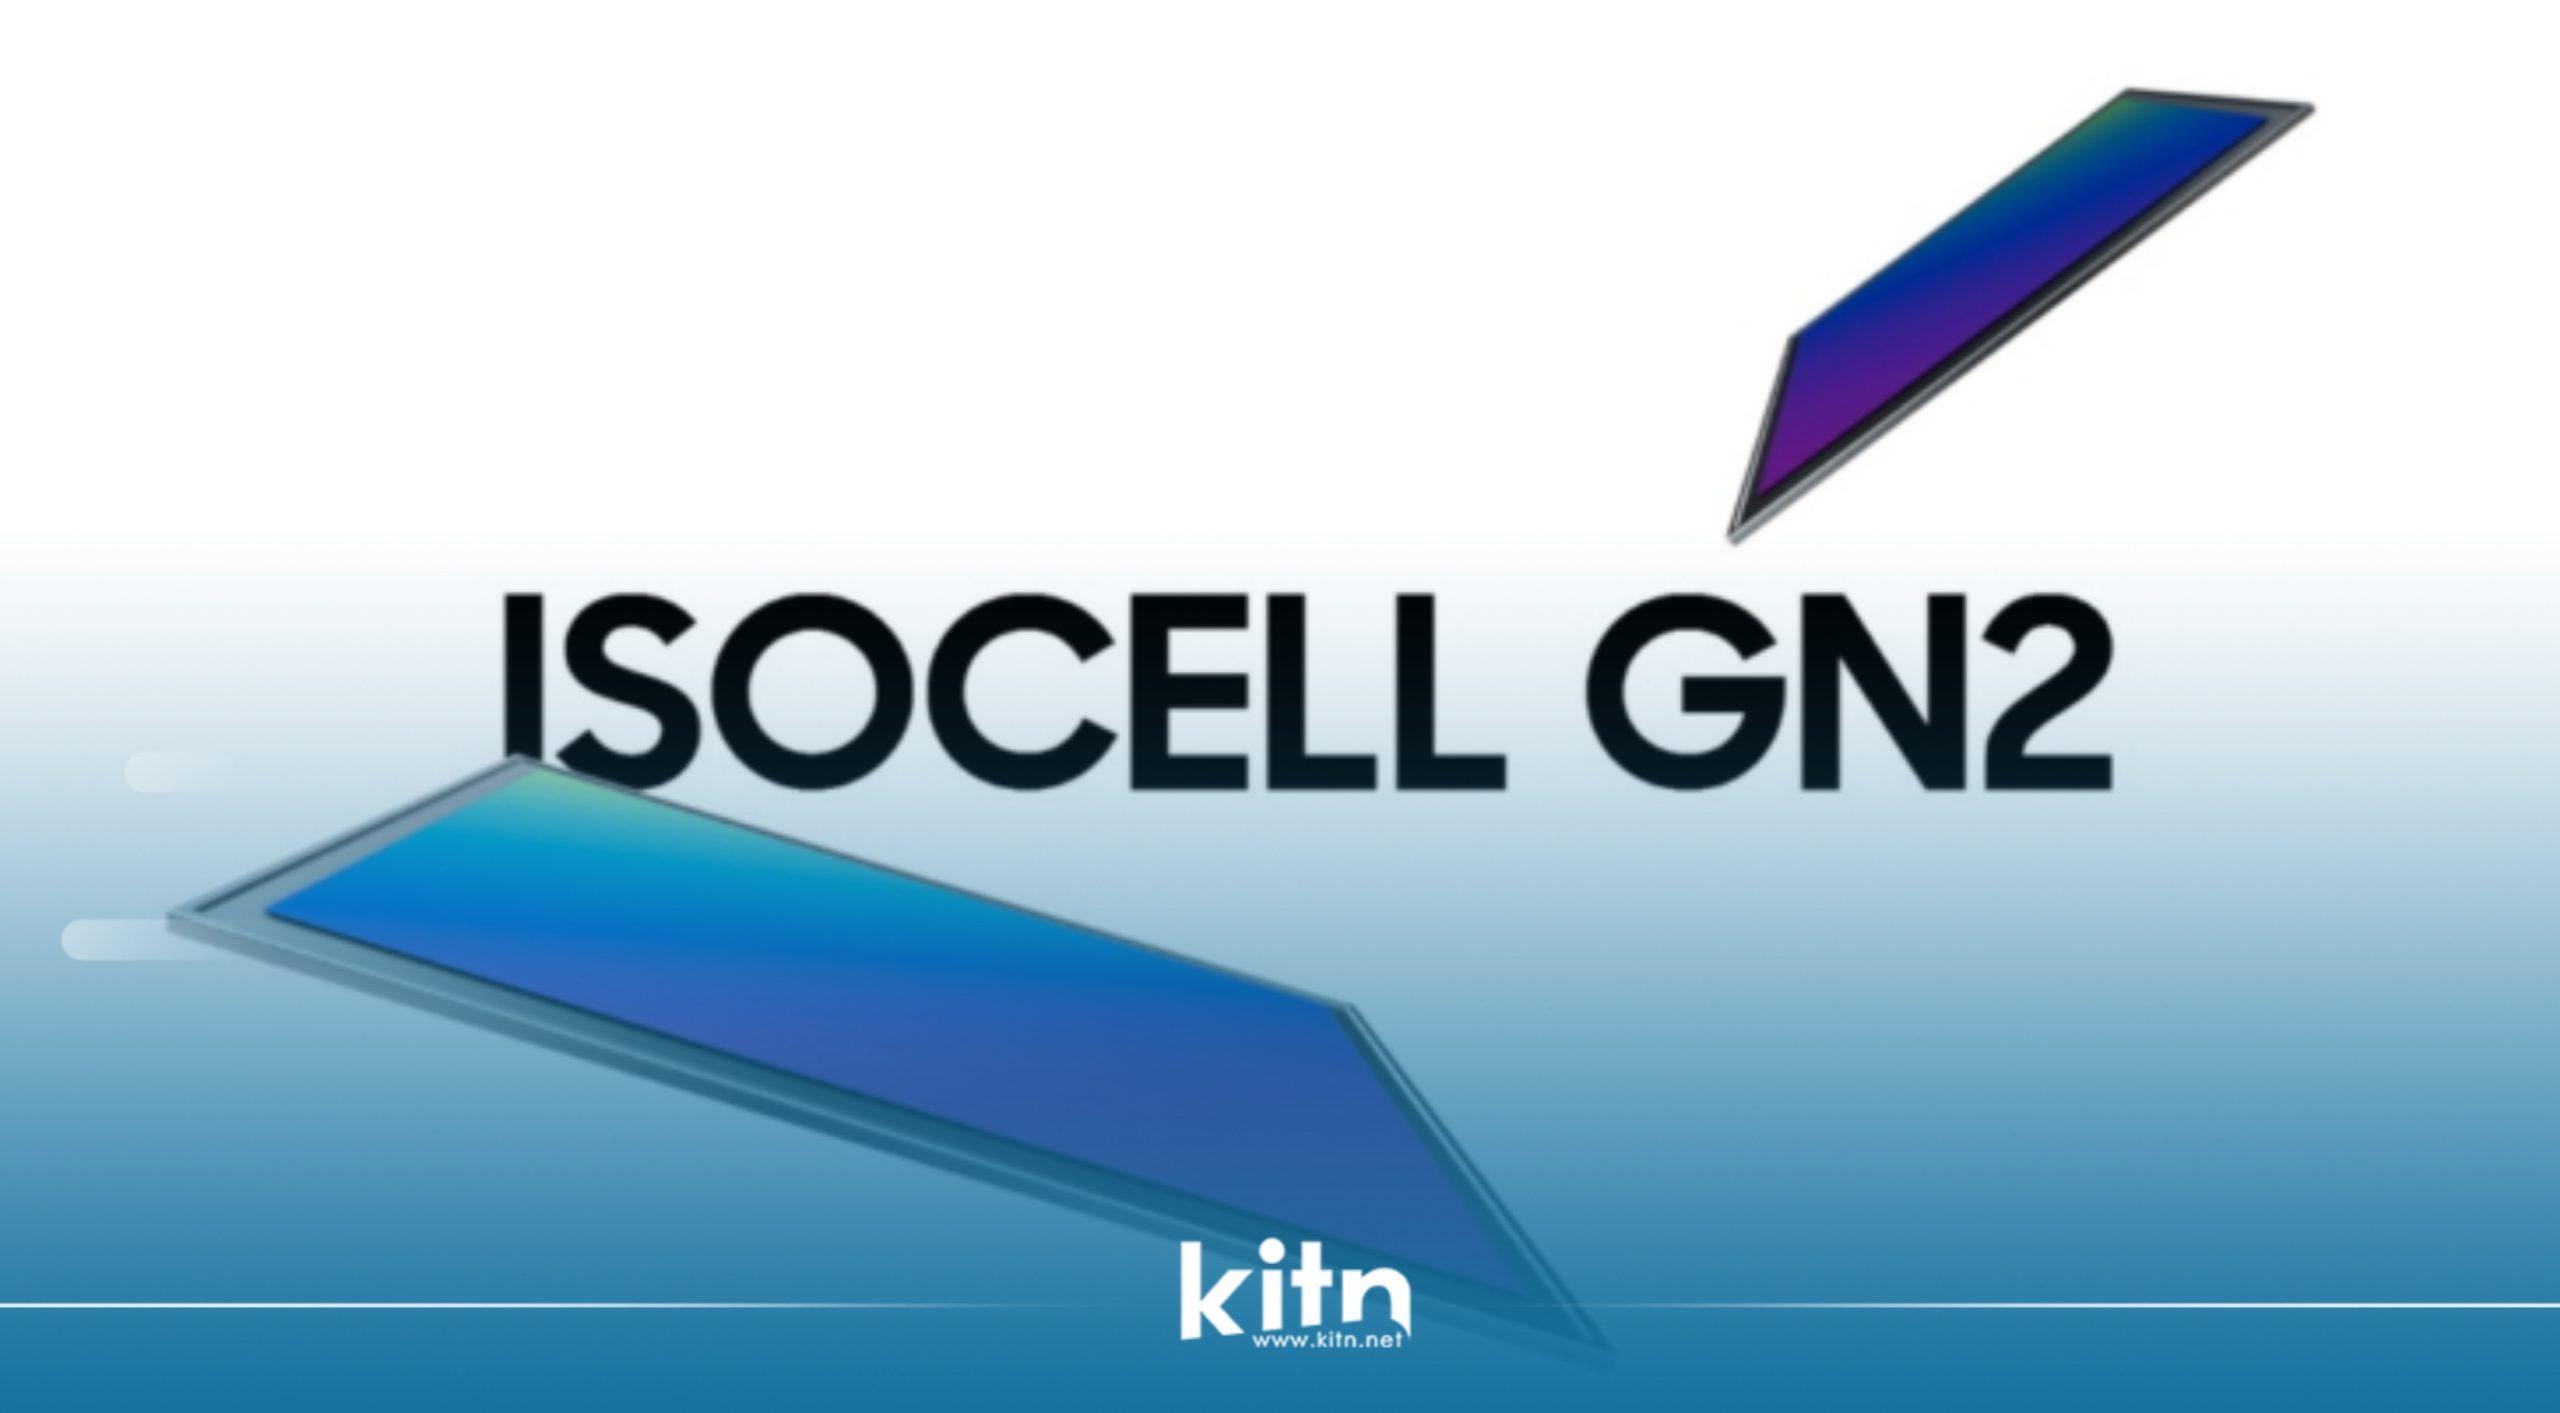 بە فەرمی نەوەی دووەمی هەستەوەری Samsung ISOCELL ڕاگەیاندرا